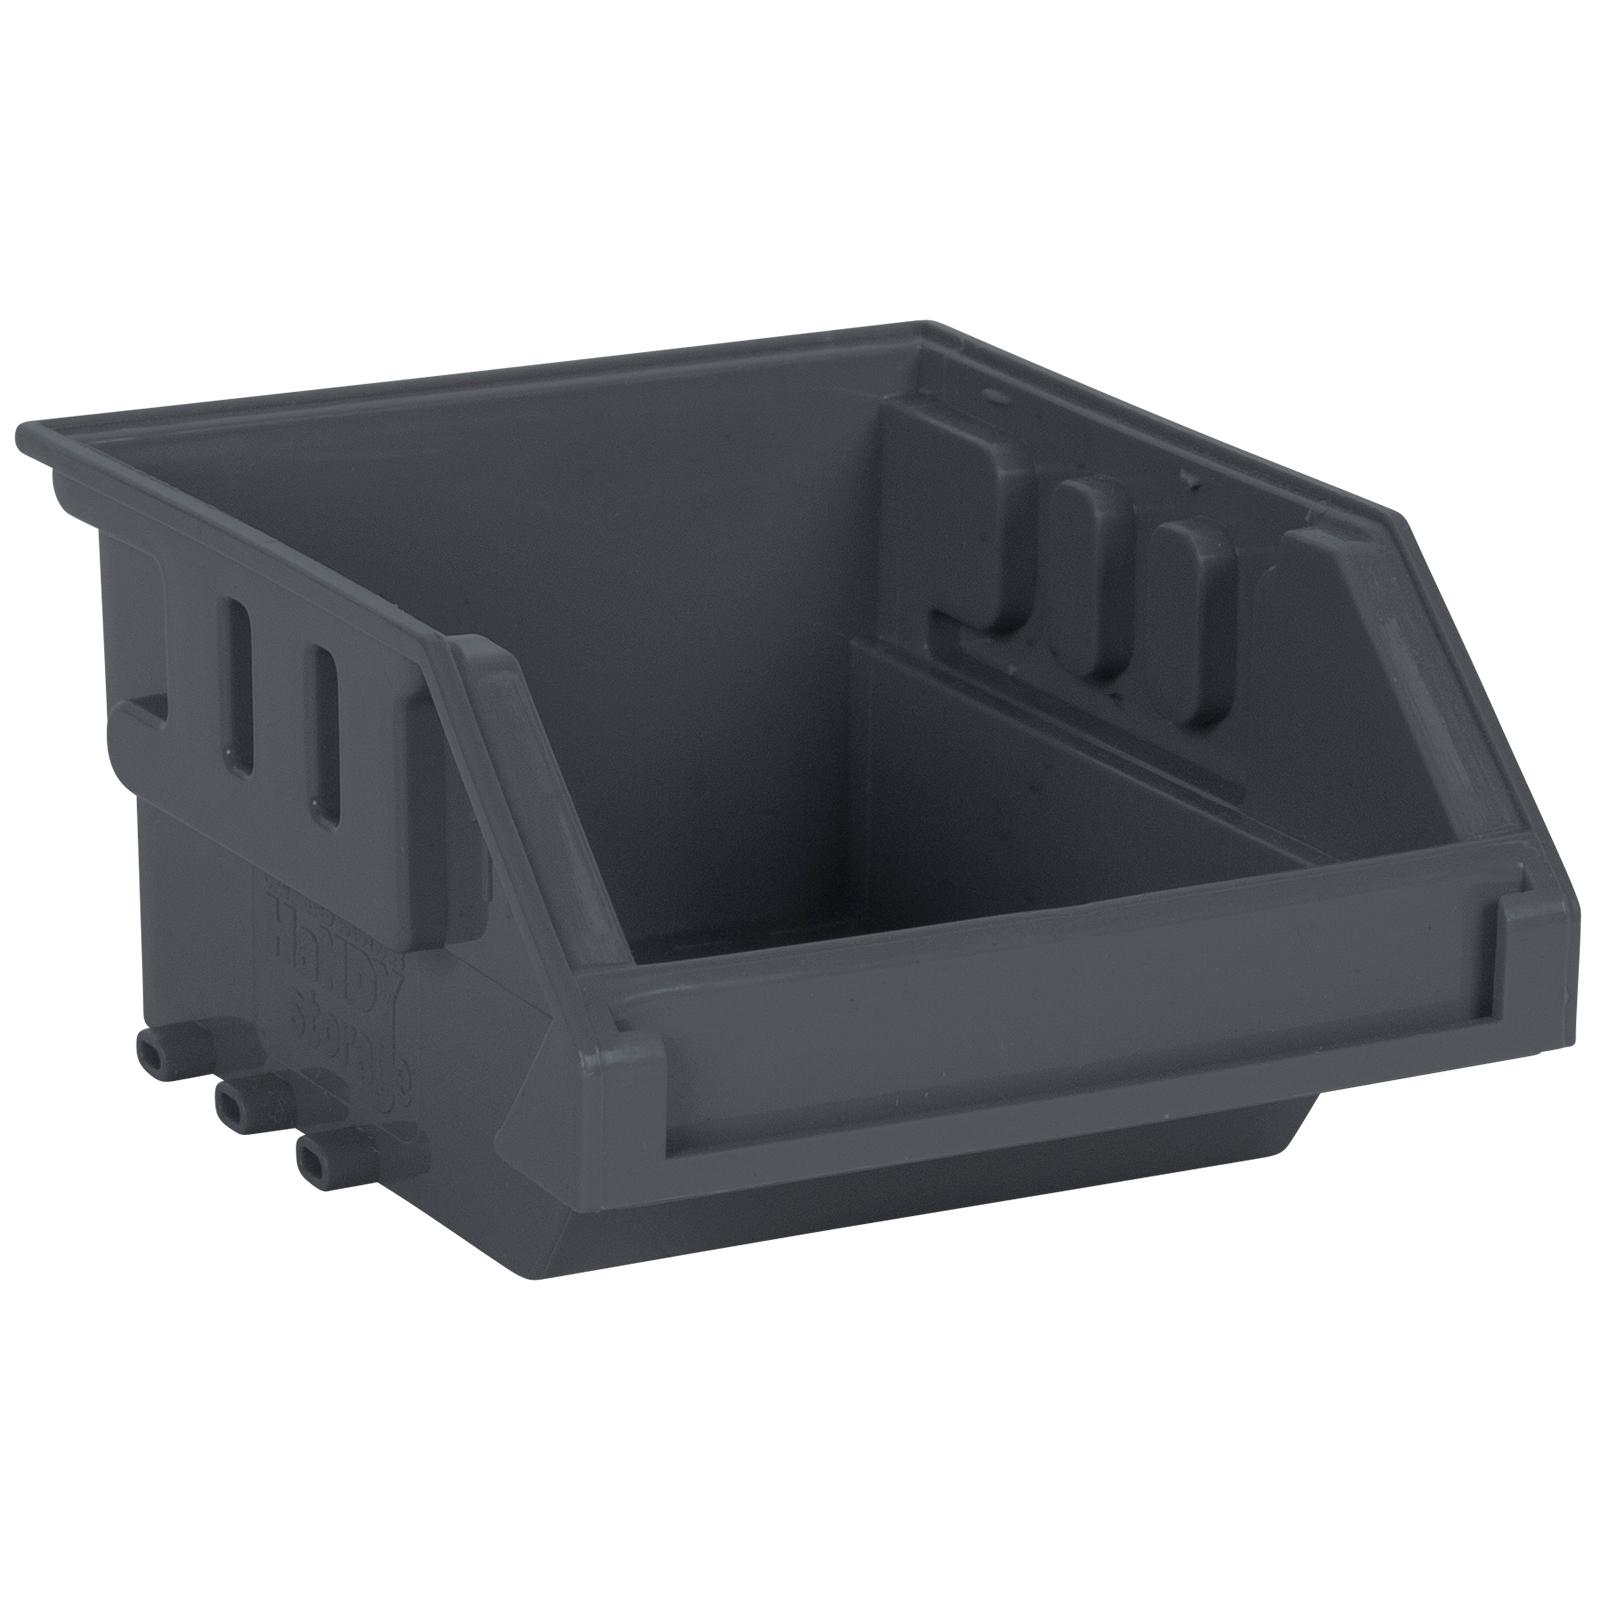 Handy Storage Size 10 Grey Plastic Storage Tote